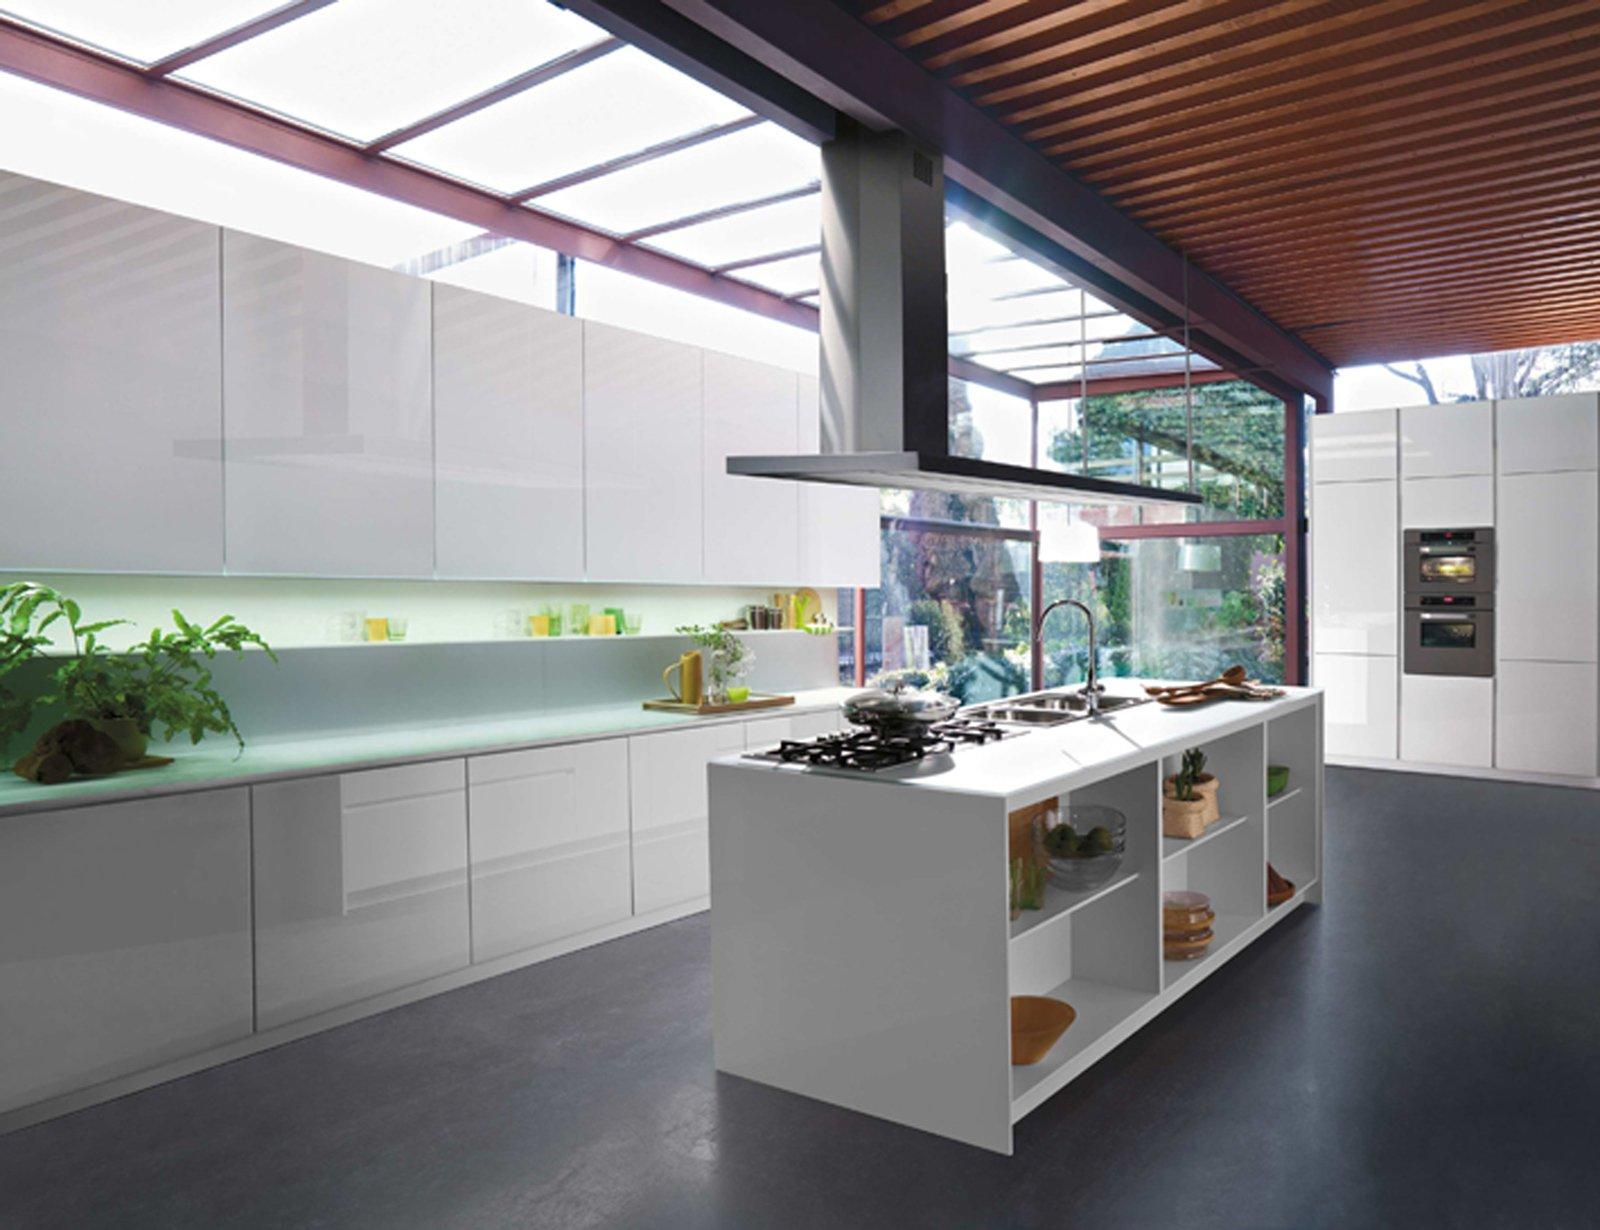 Cucine in vetro con superfici a specchio - Cucine con vetrate ...